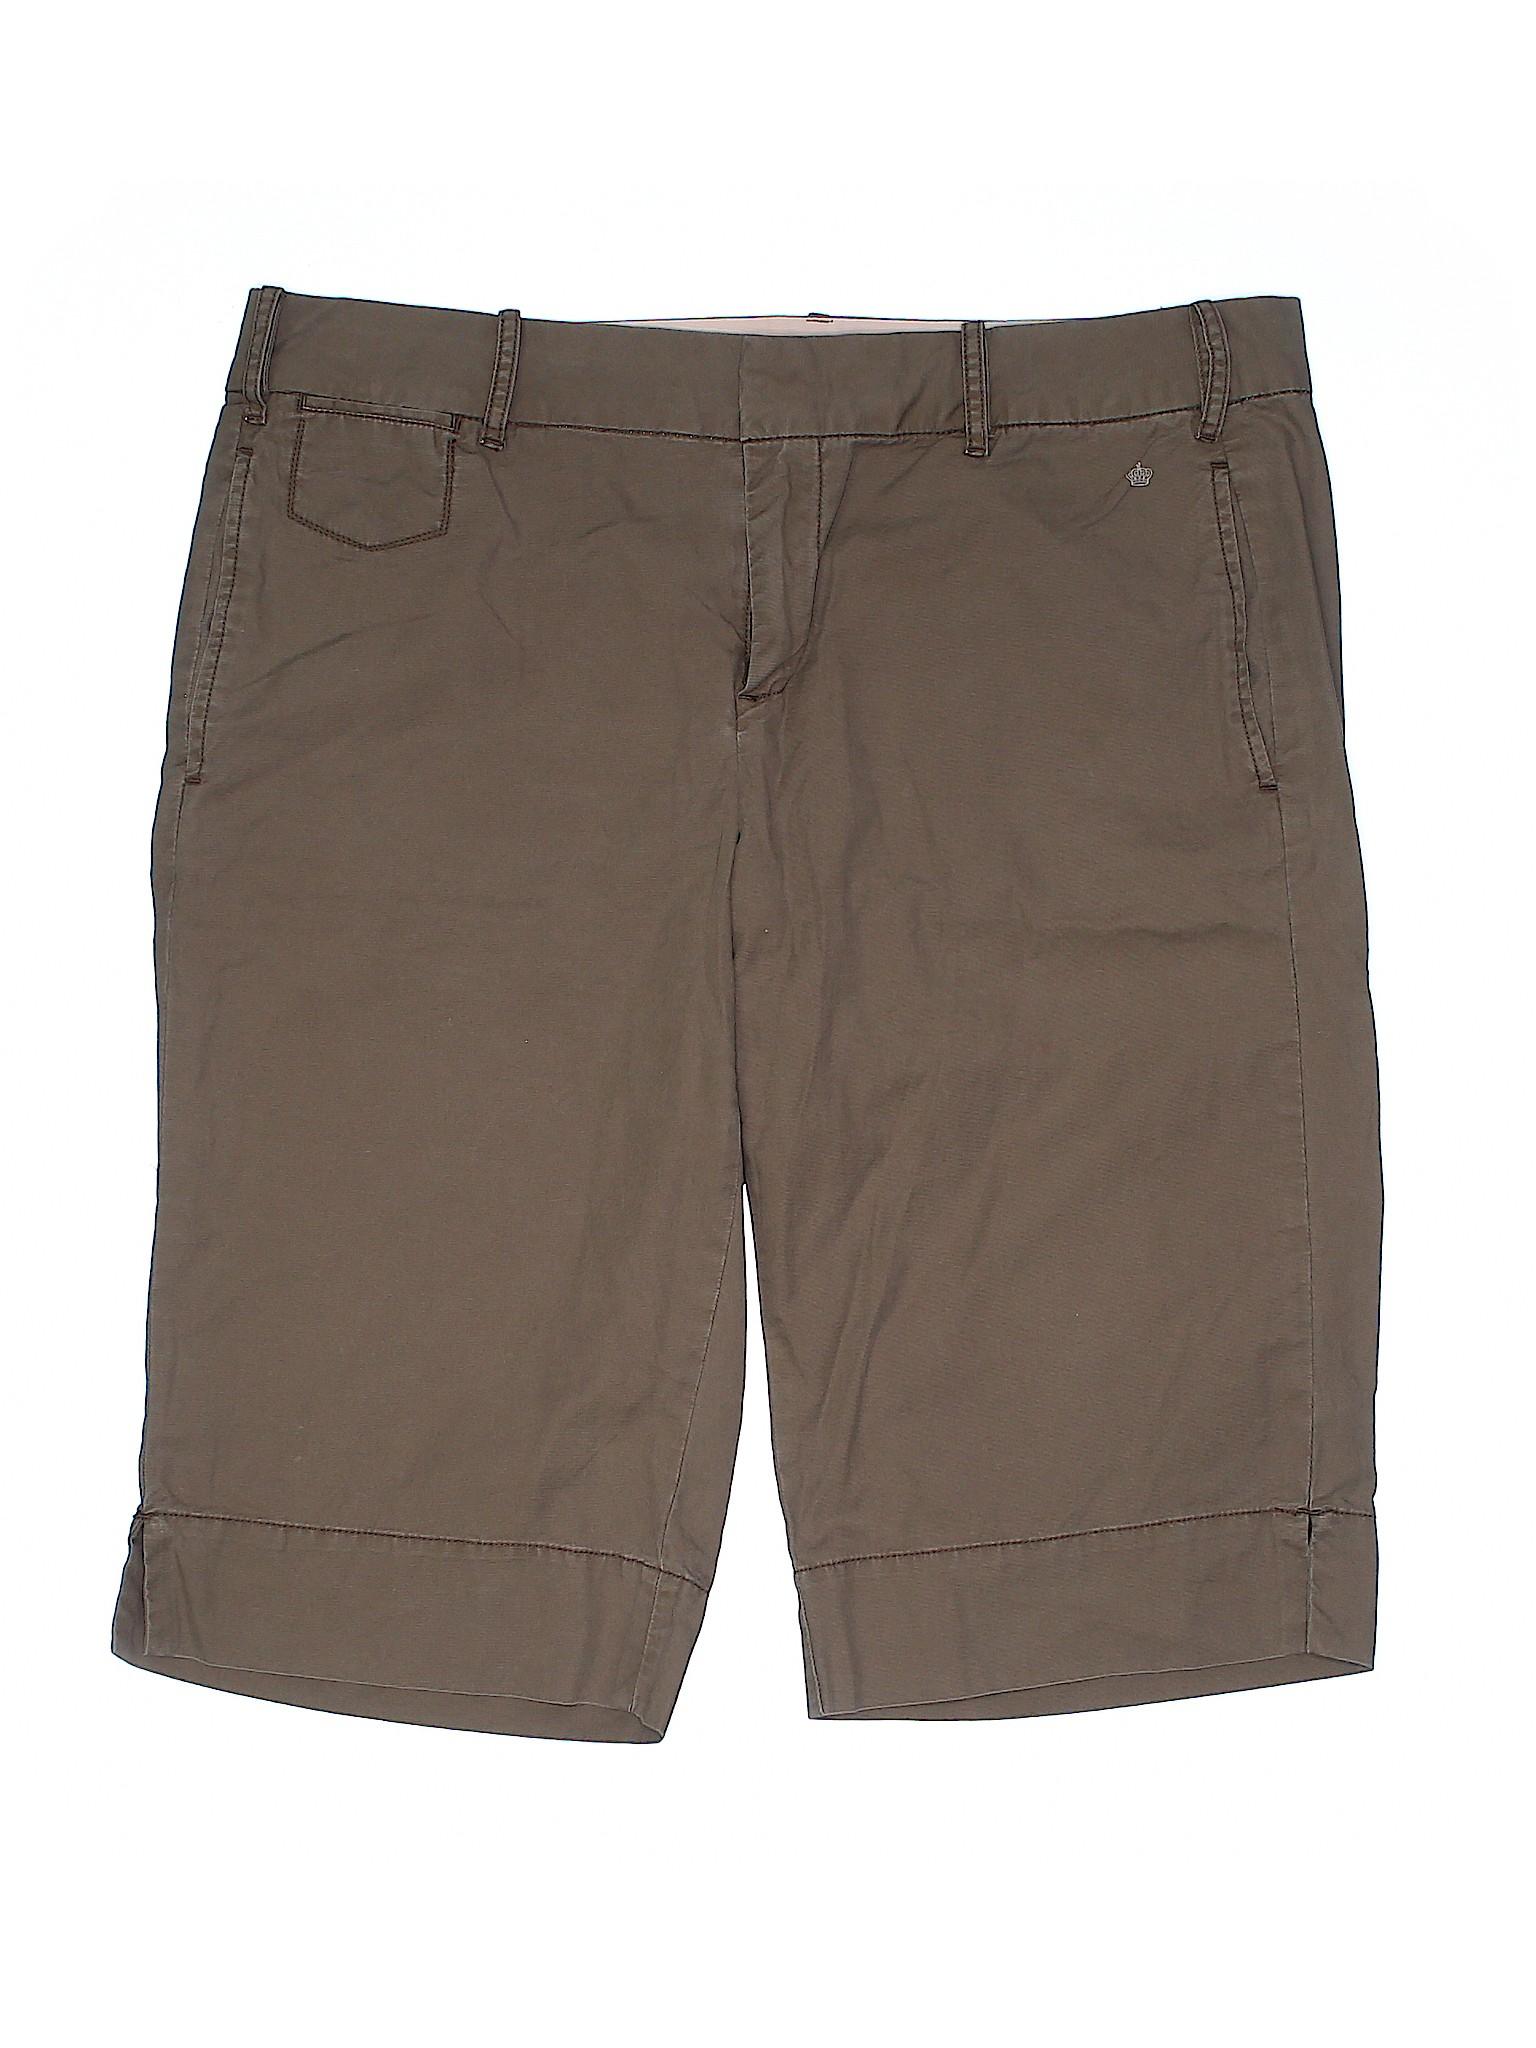 Shorts Boutique Gap Khaki Shorts Boutique Boutique Gap Gap Khaki Shorts Boutique Khaki Gap wq1ffd7